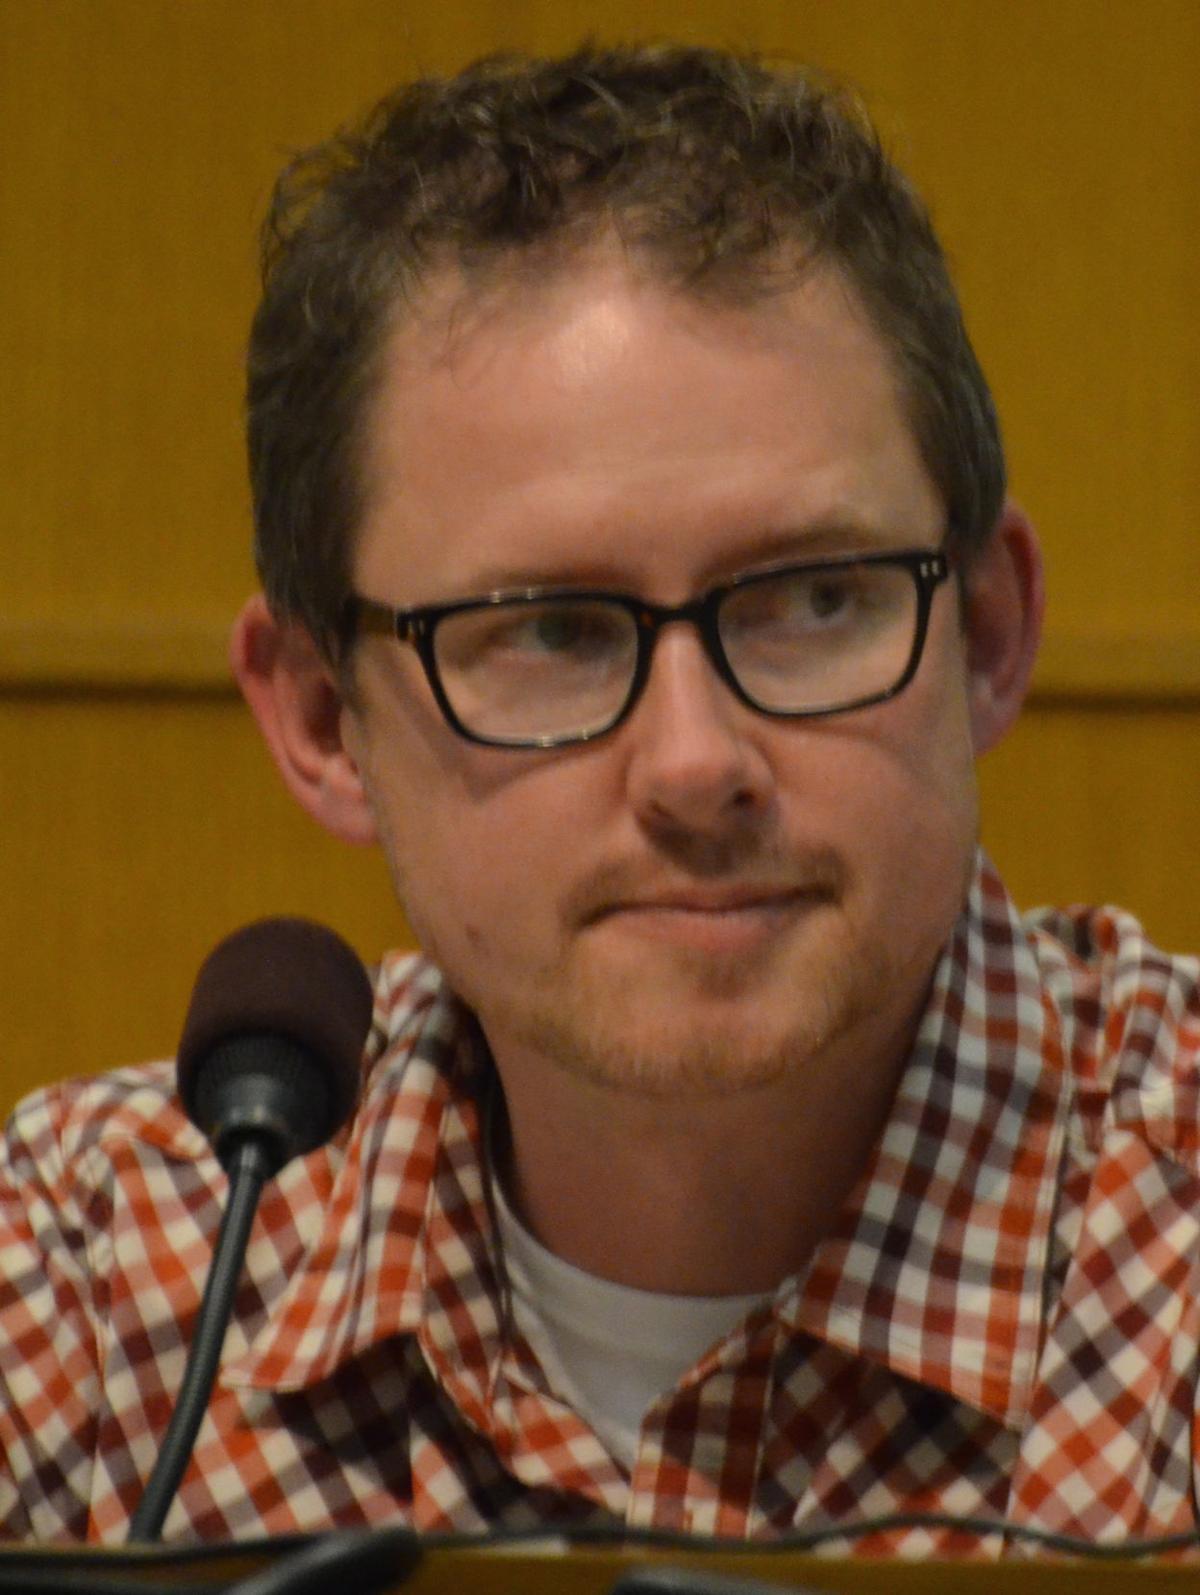 Chad Czmowski